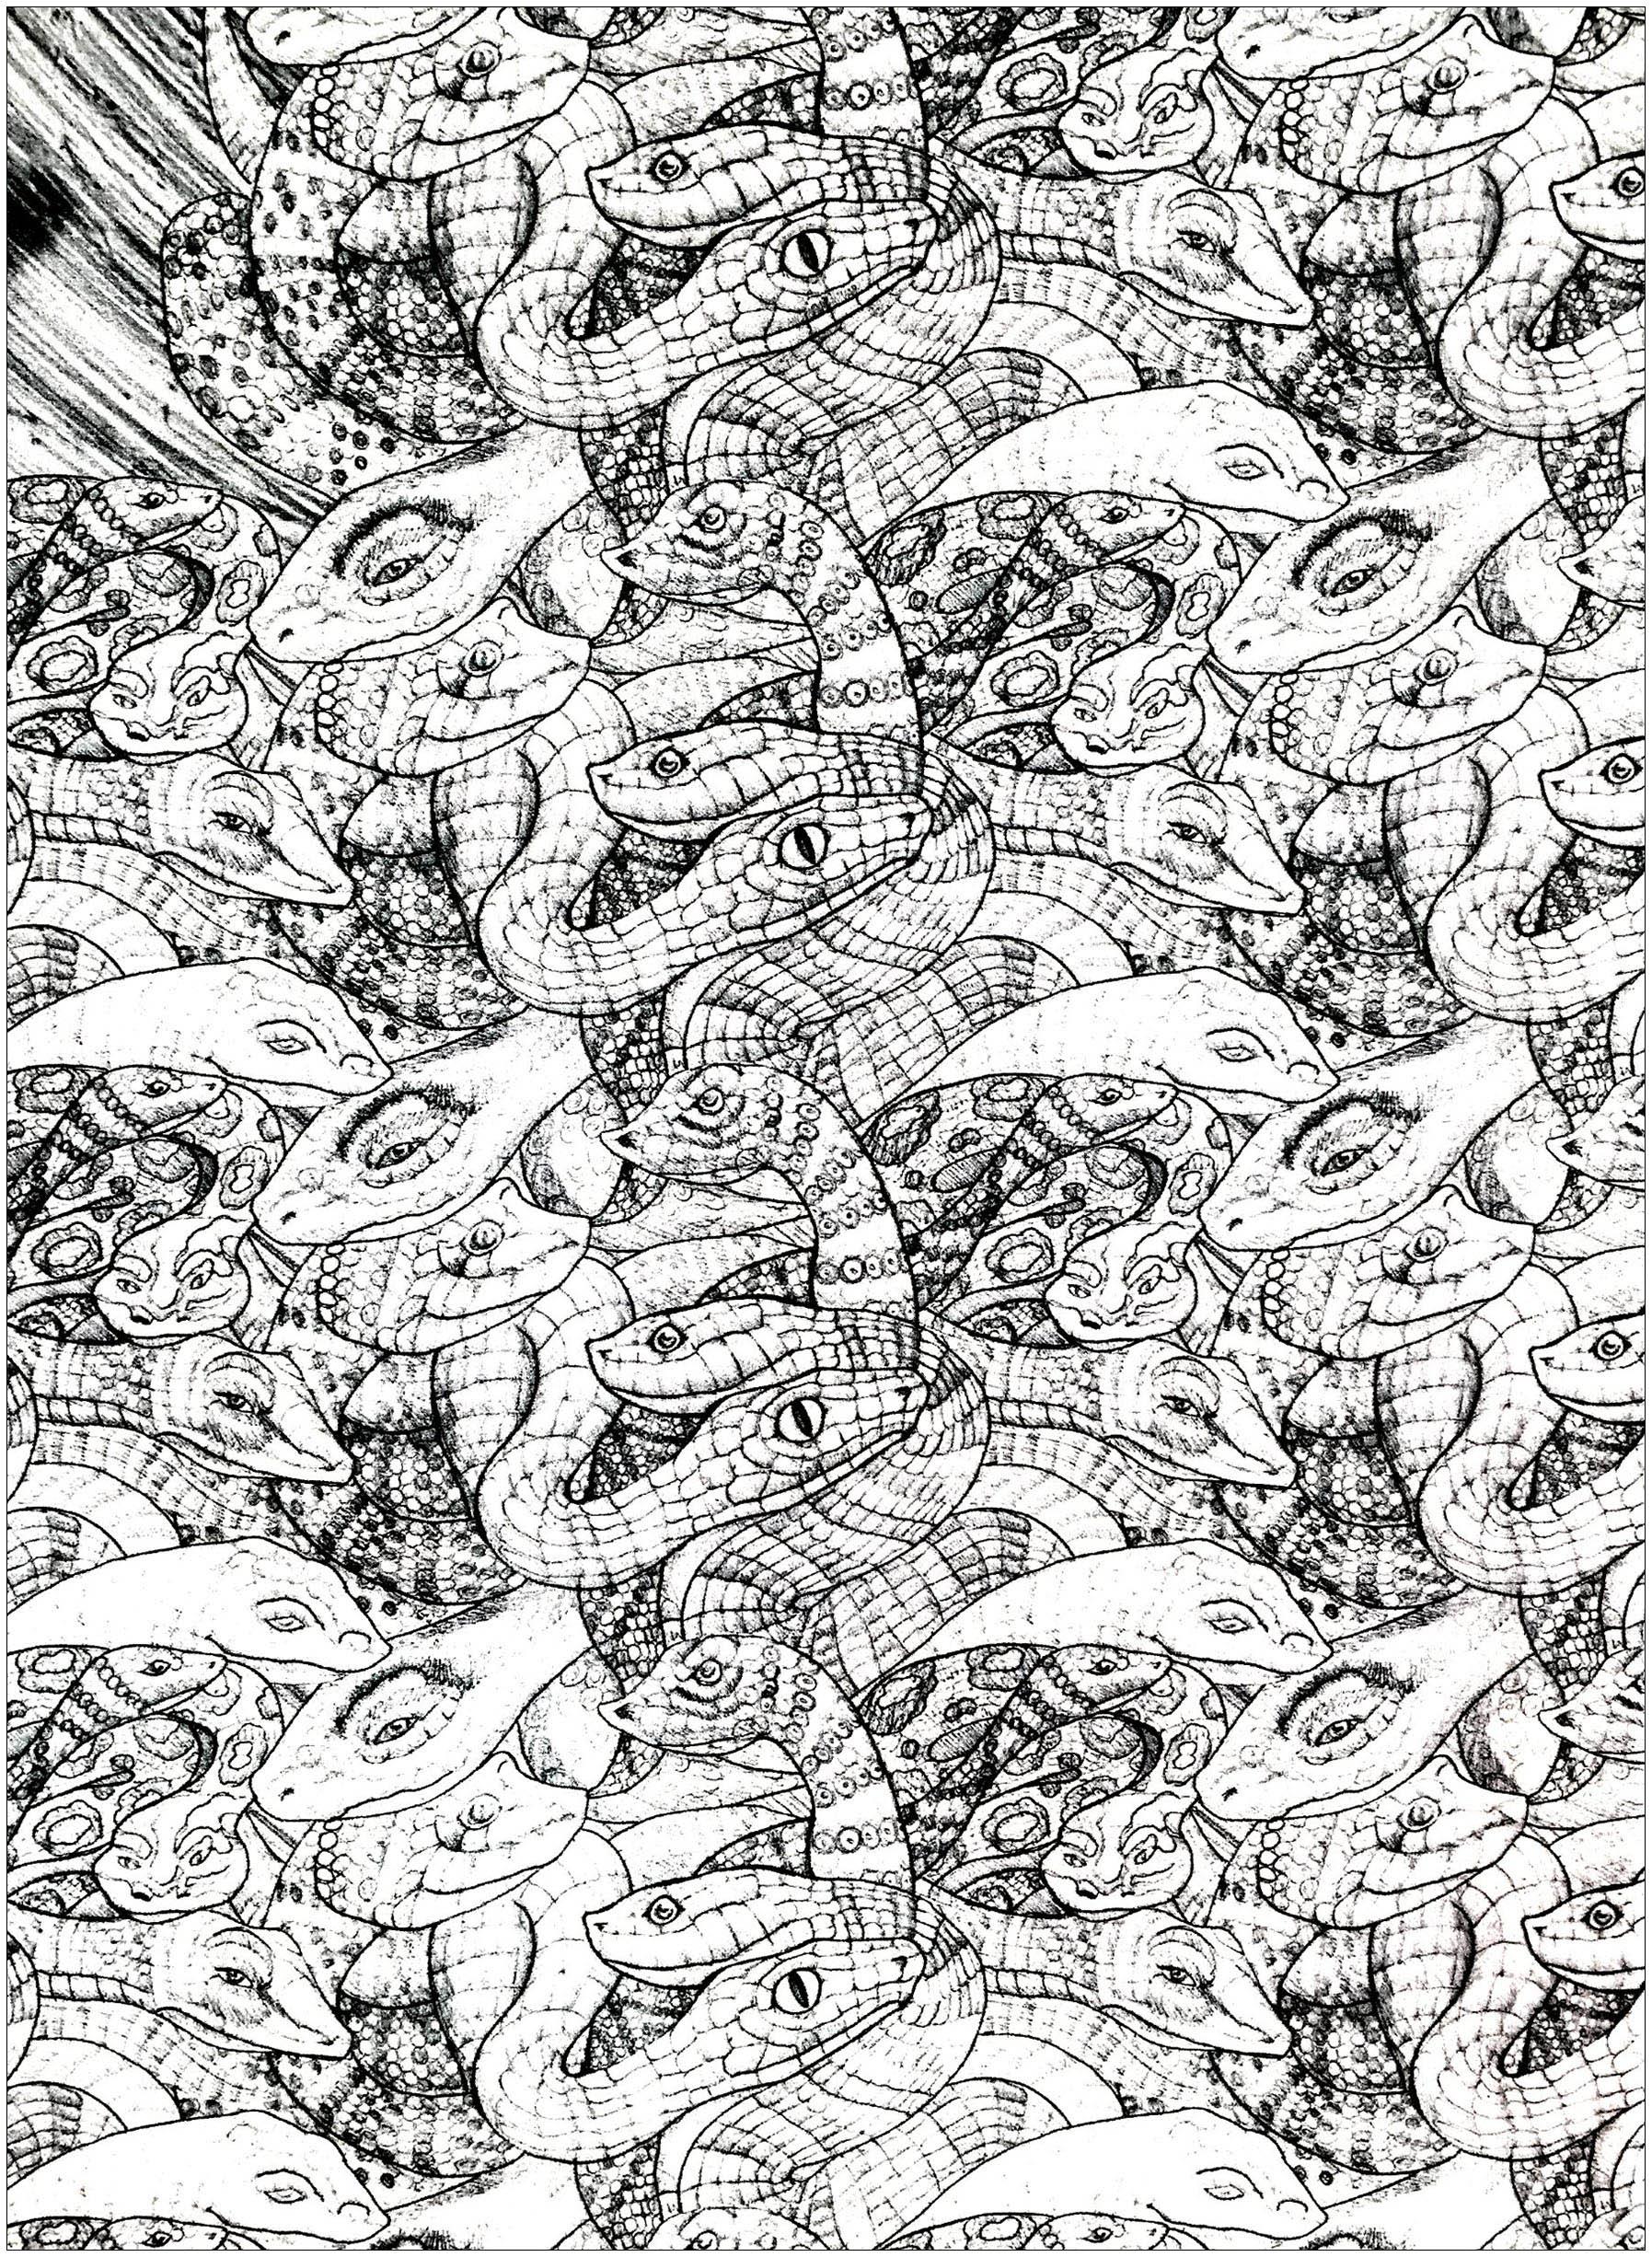 Nombreux serpents entremêlés à colorier (niveau très difficile !)